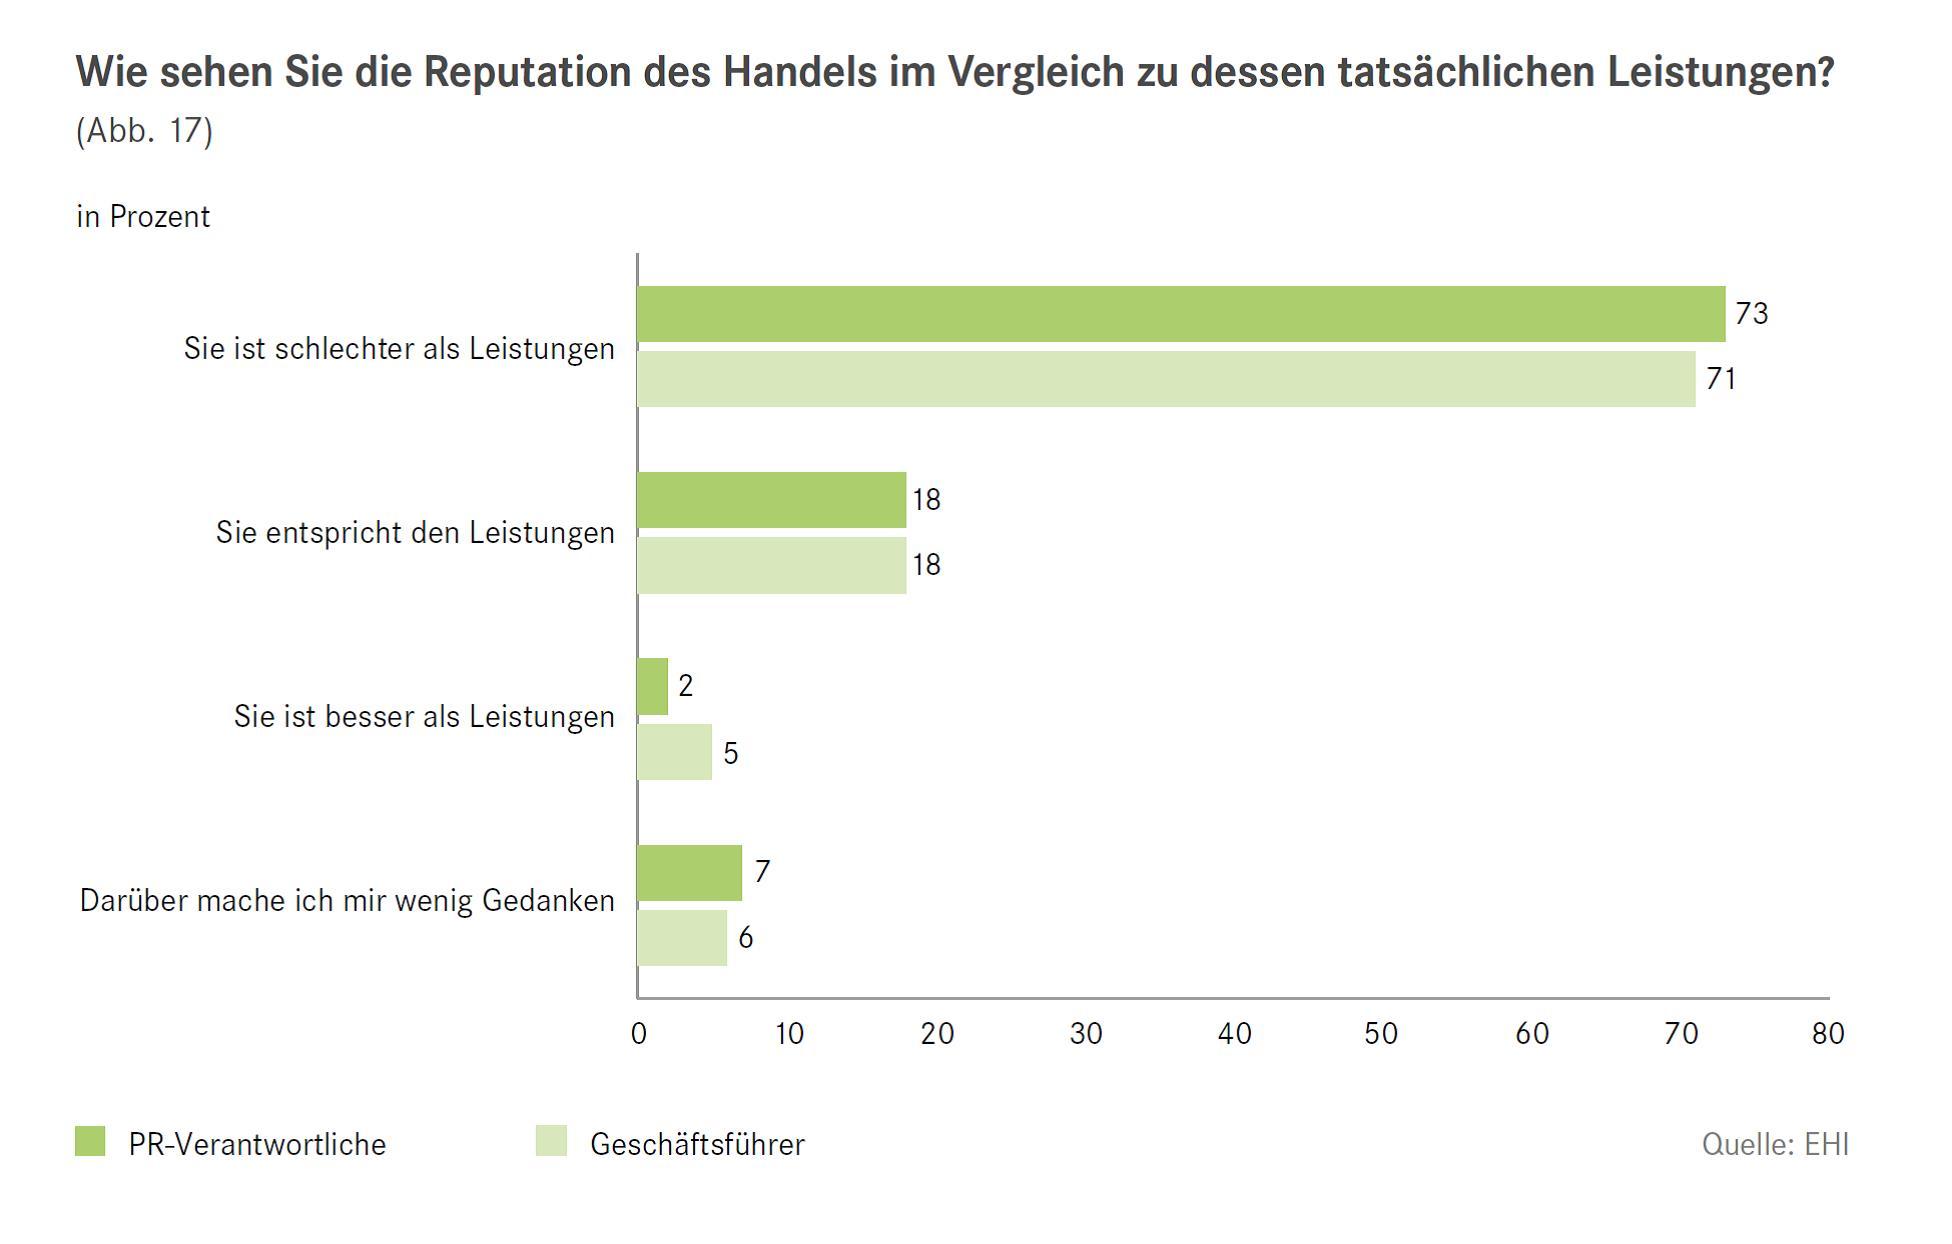 Grafik Reputation Vergleich Leistungen EHI PR im Handel 2015